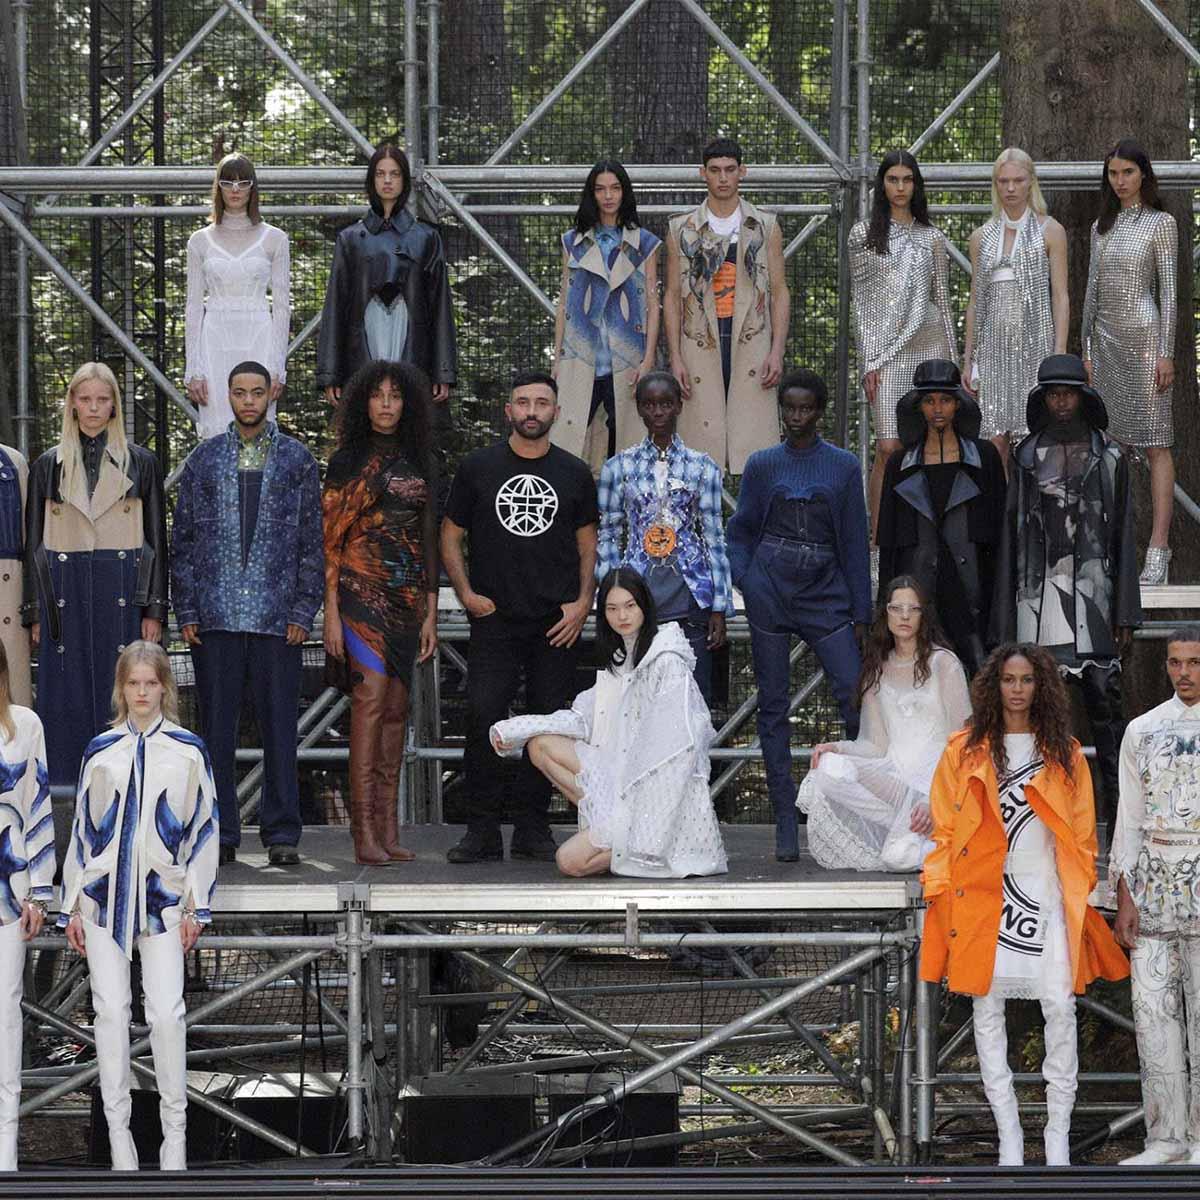 Bộ sưu tập Xuân Hè của Burberry 2021 NTK và toàn bộ người mẫu